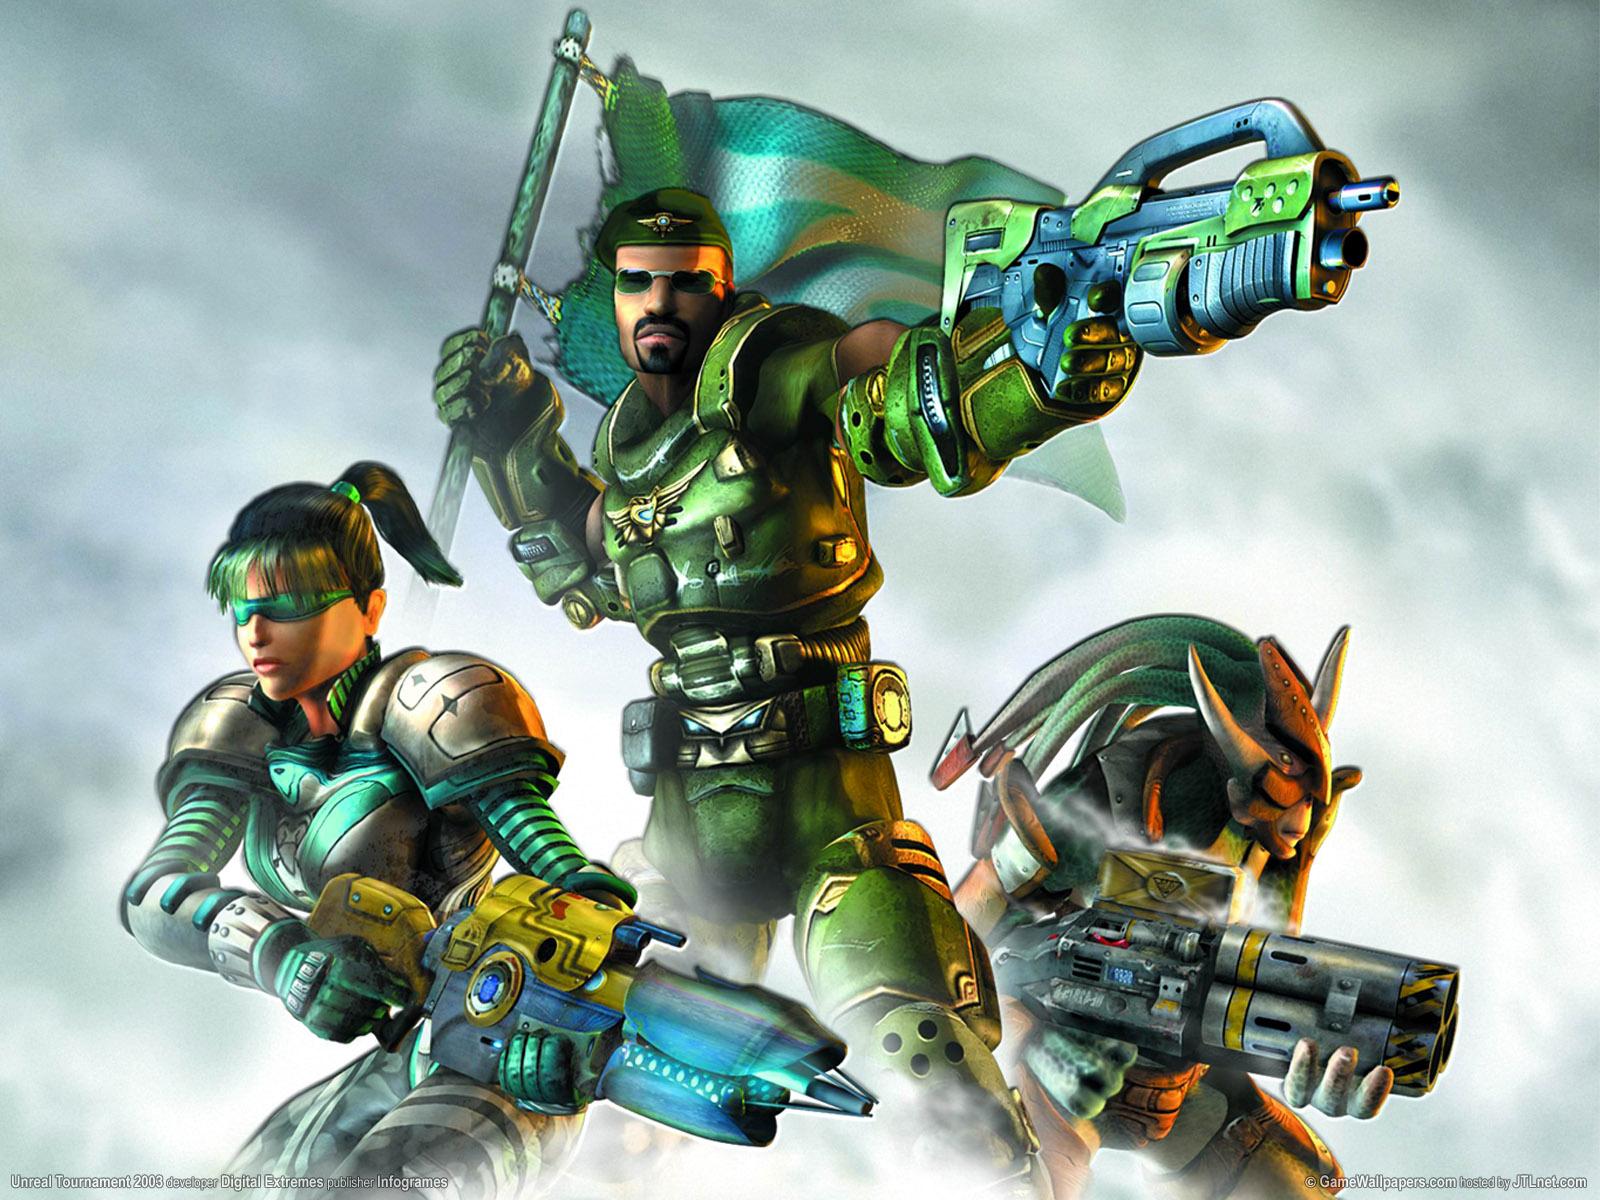 Gamewallpapers Com: Gamewallpapers.com » Xenomorph